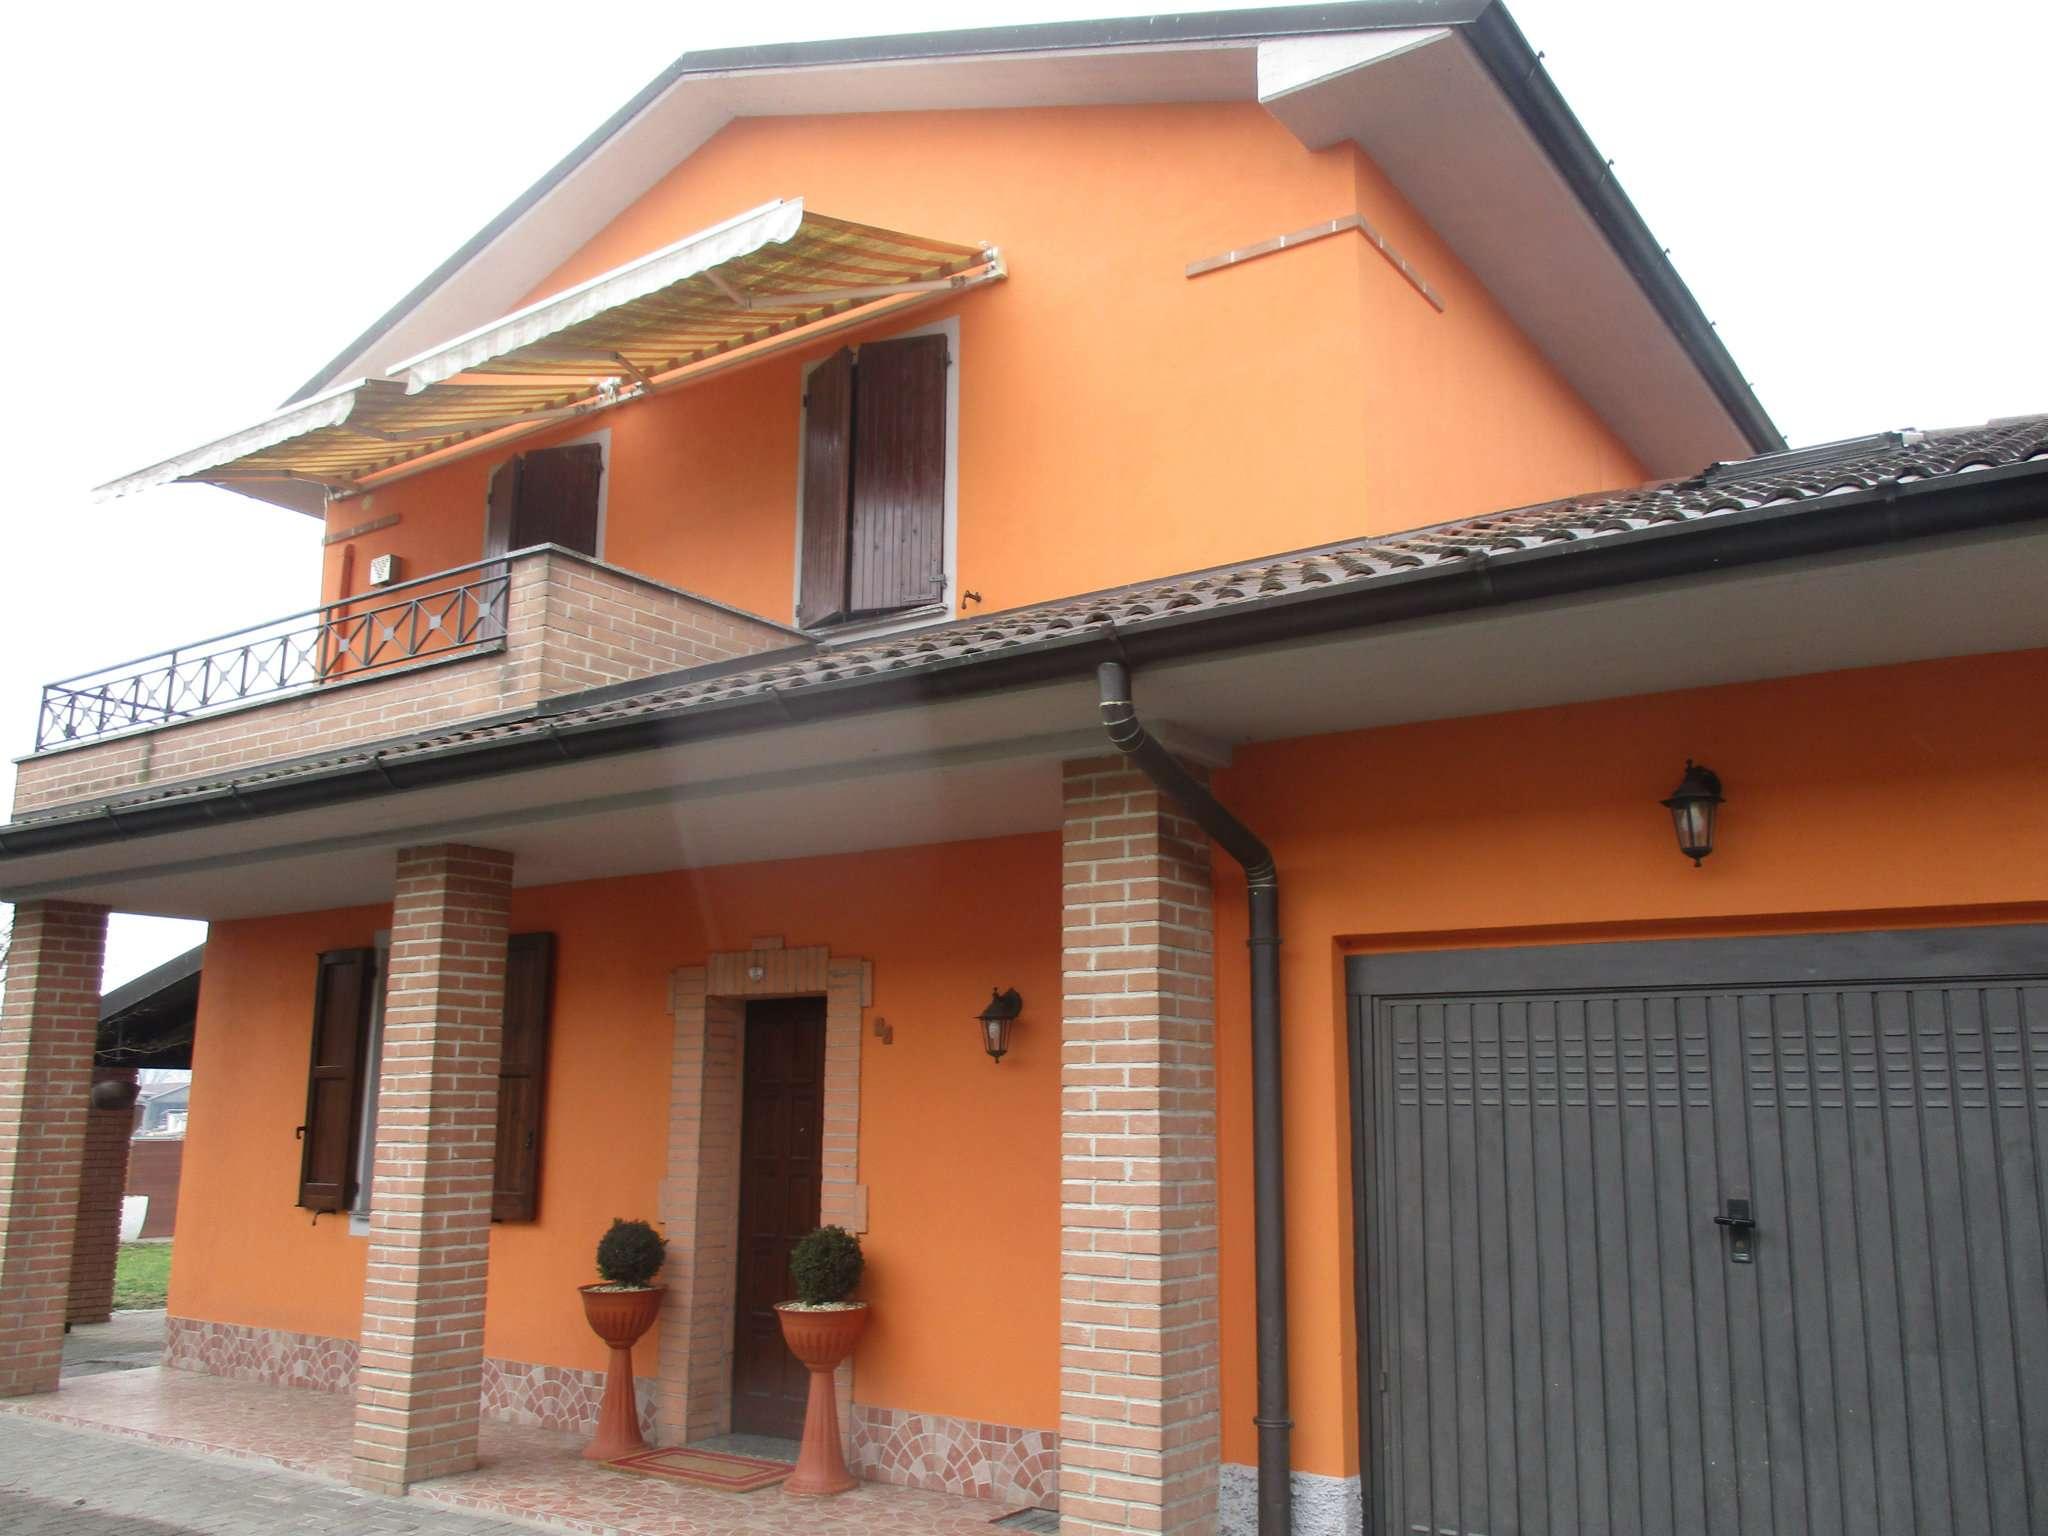 Villa Bifamiliare in vendita a Capralba, 4 locali, prezzo € 290.000 | CambioCasa.it